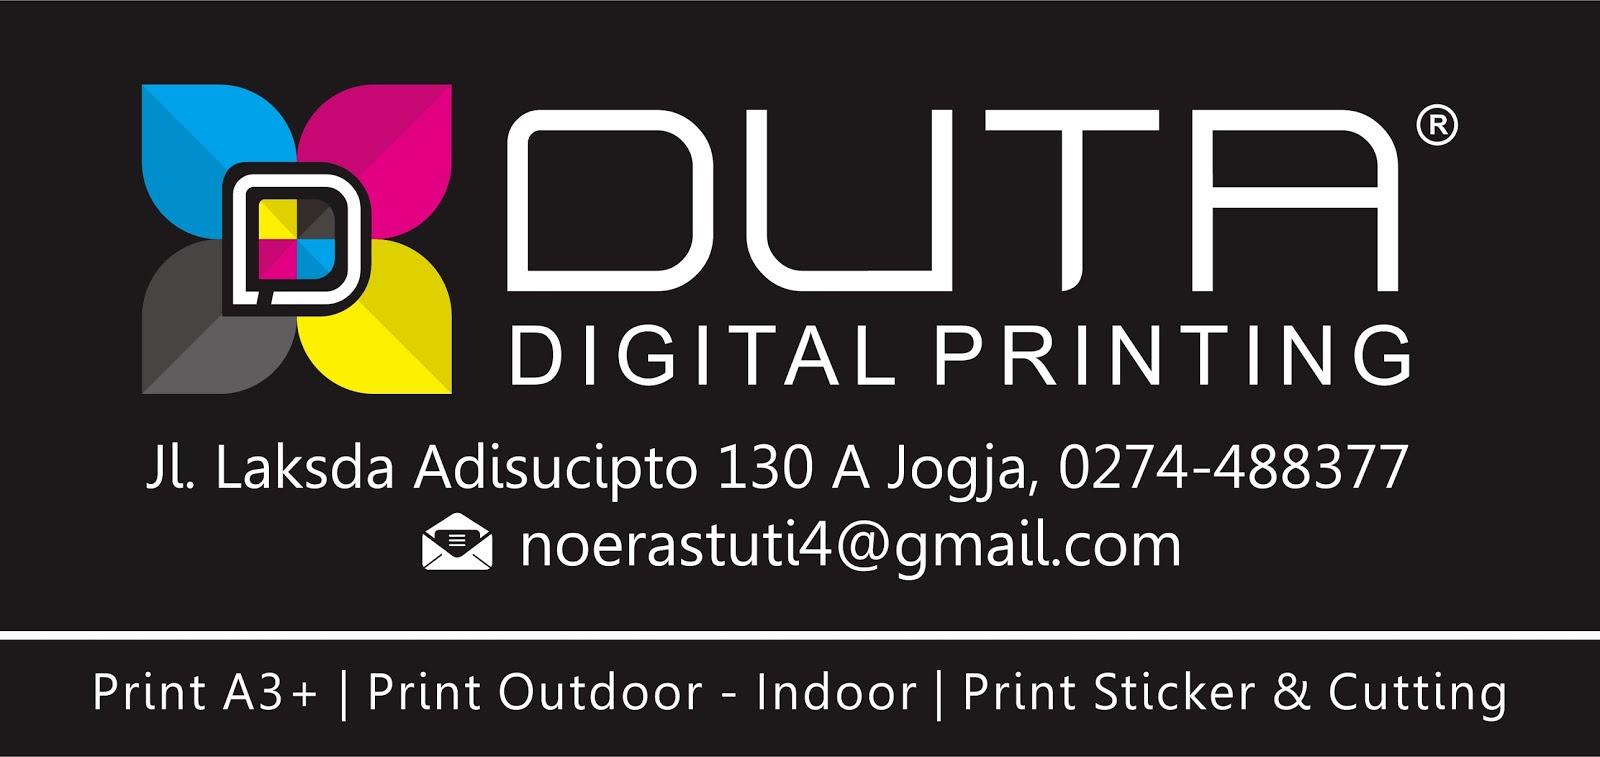 Lowongan Kerja Duta Digital Printing Yogyakarta - Ayo Kerja